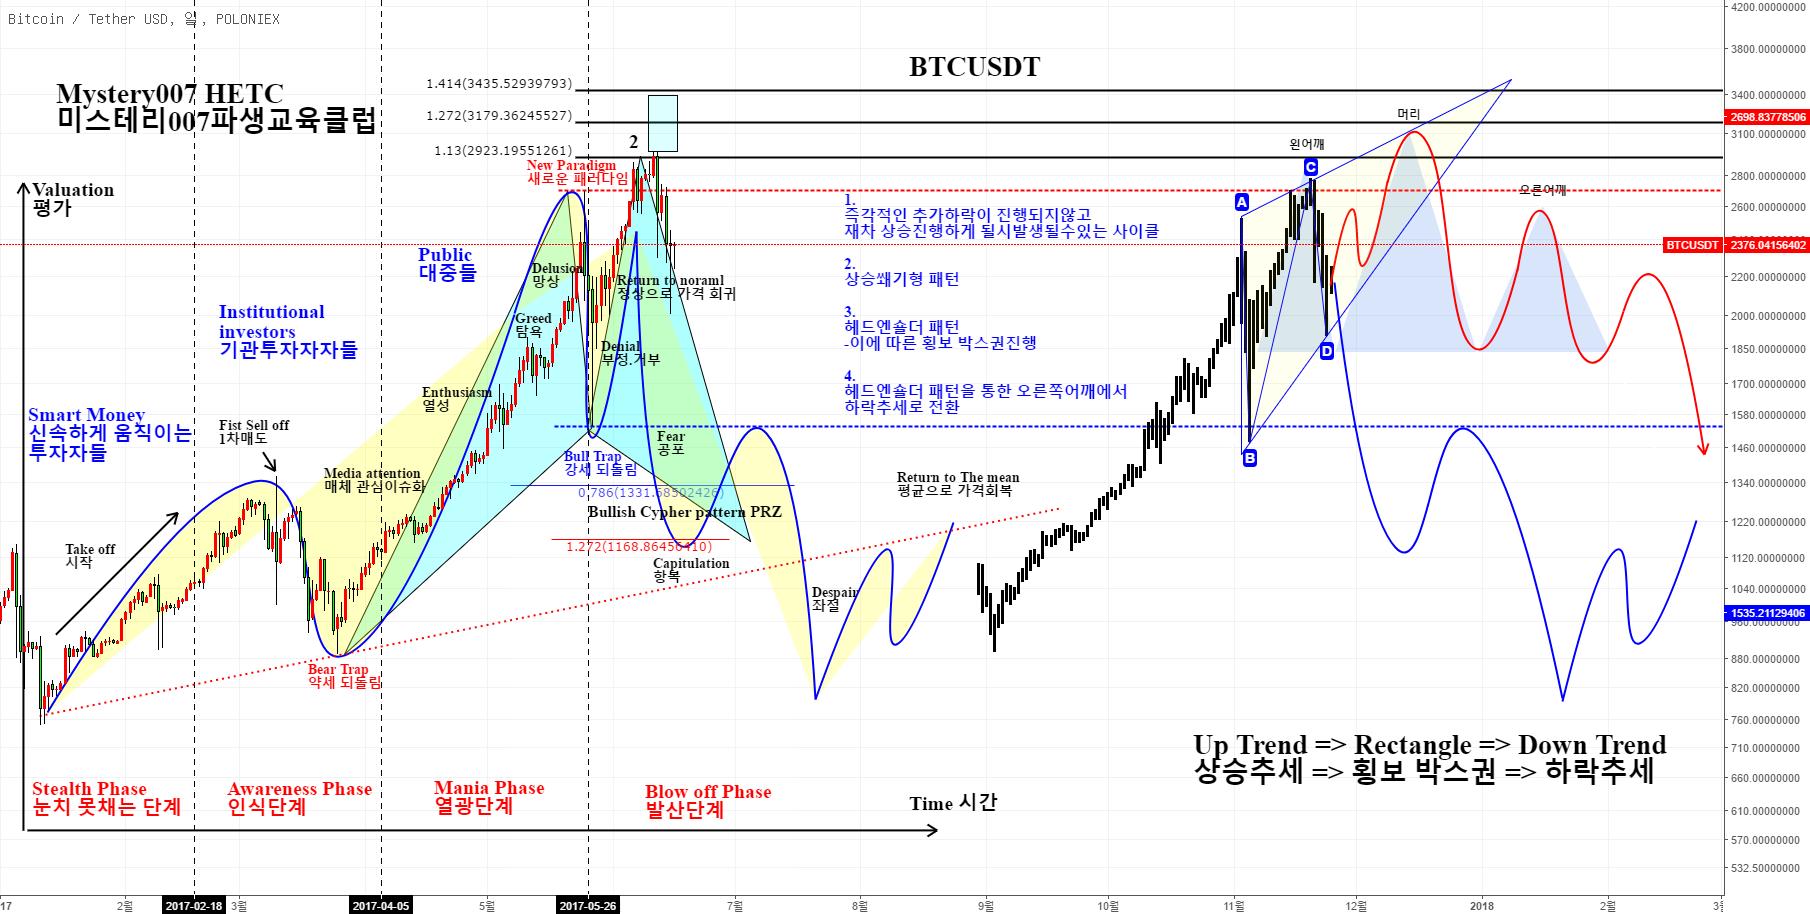 BTCUSDT 비트코인  반등에 따른 파동사이클 변수